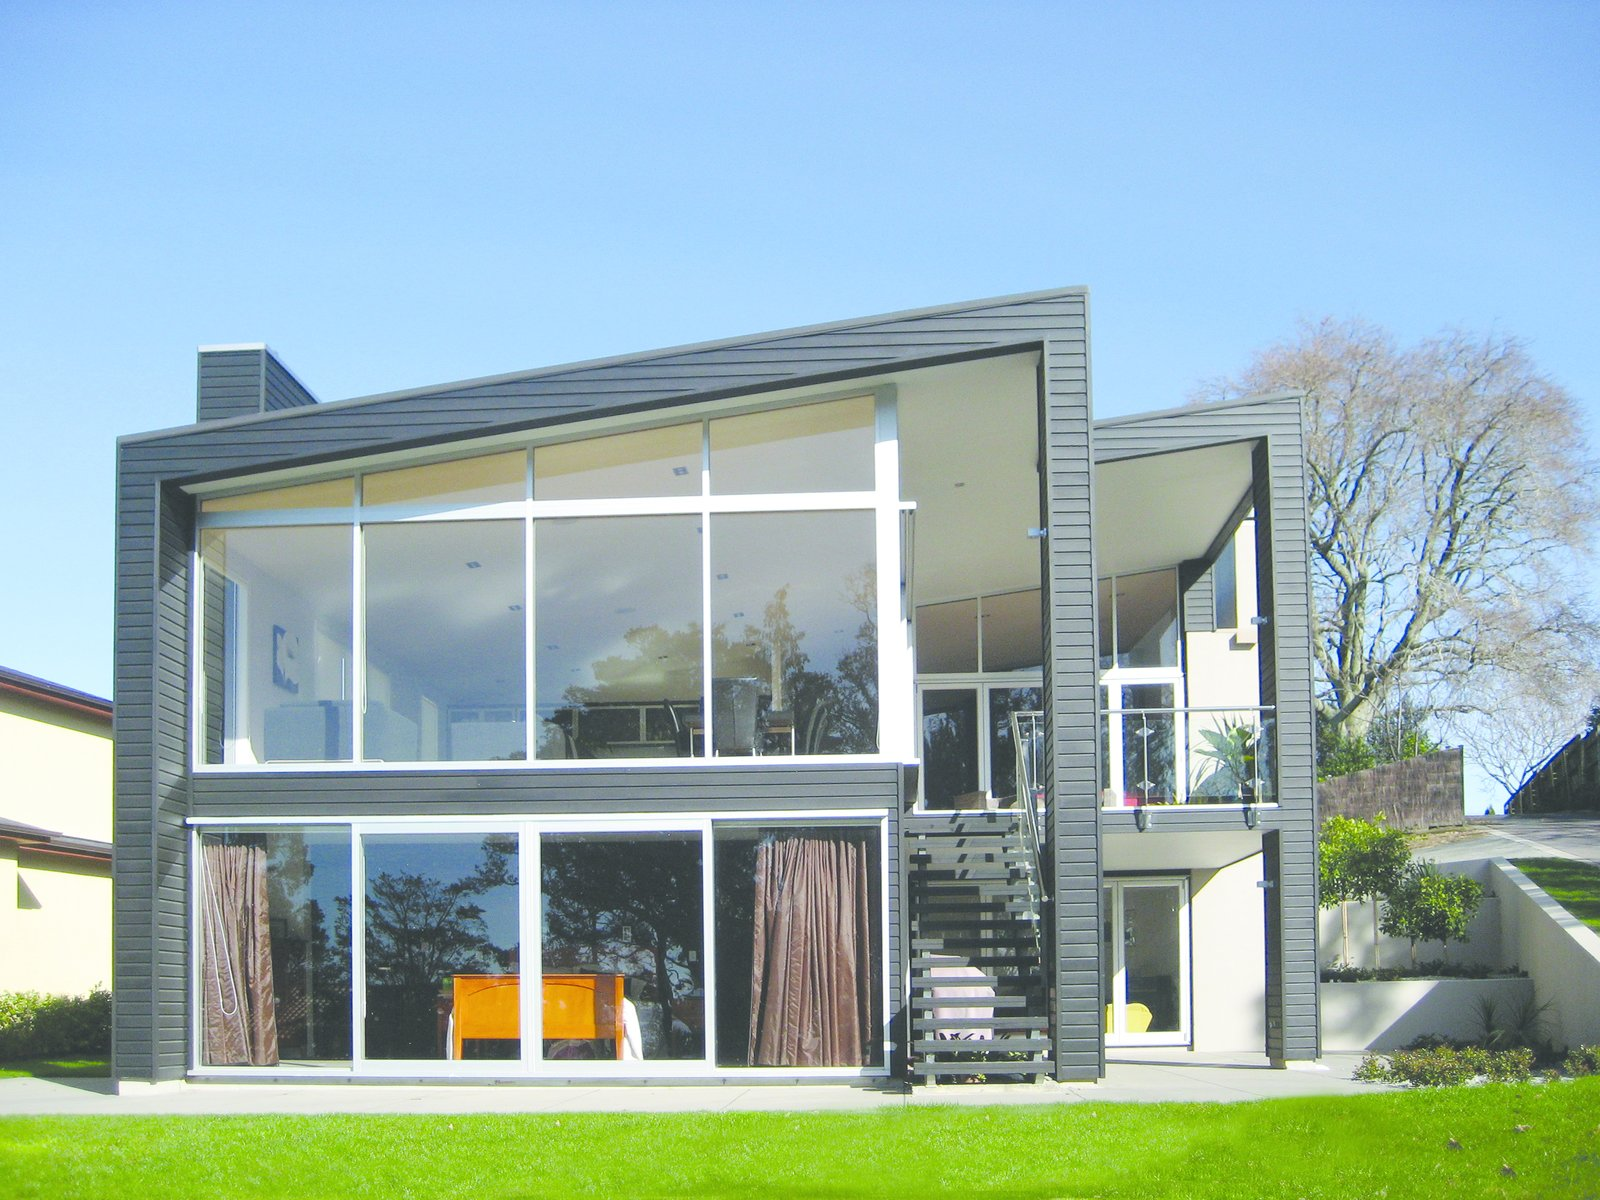 Howick House